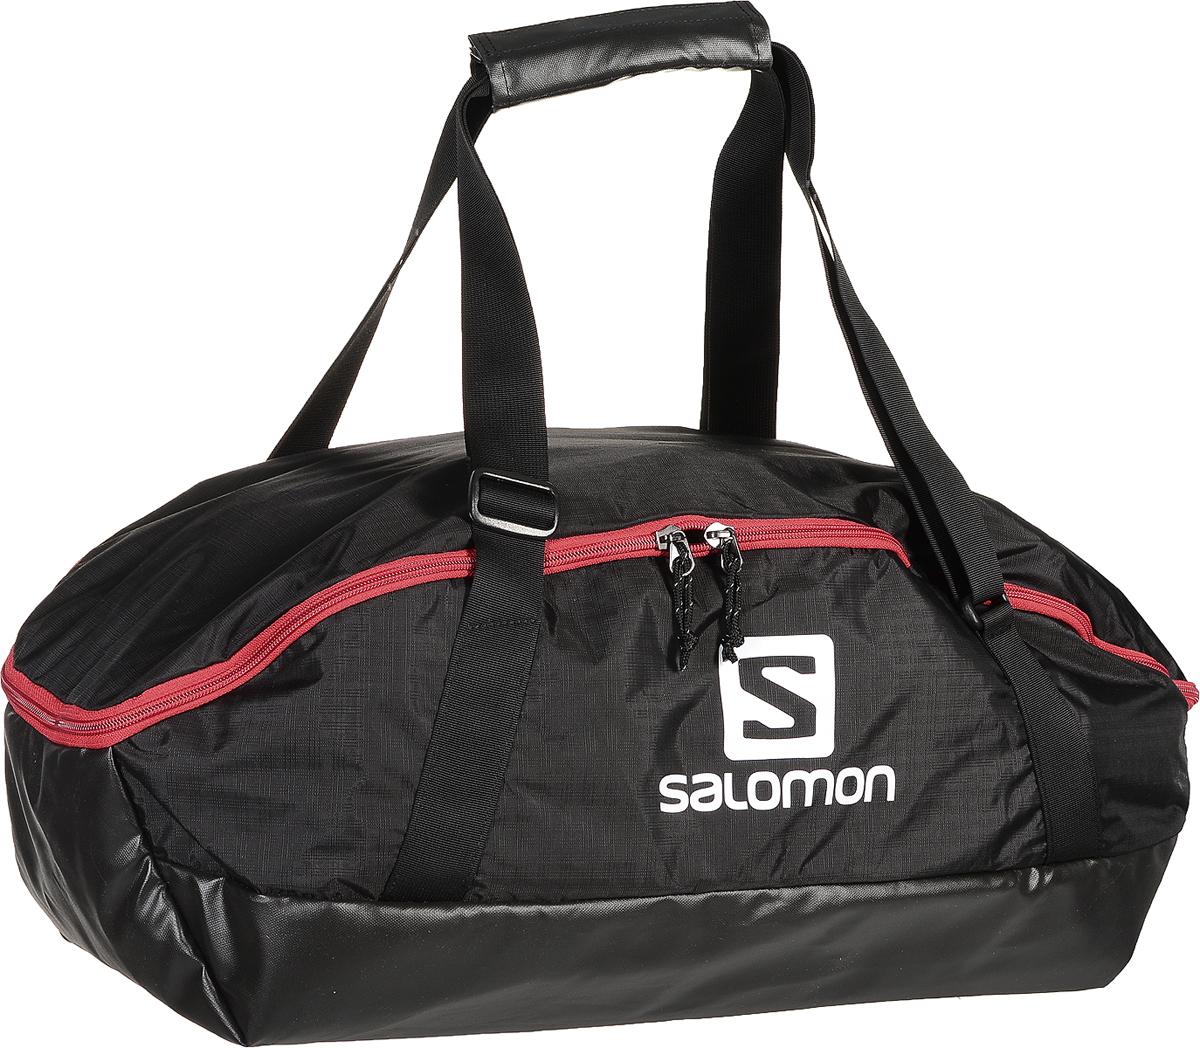 Сумка спортивная Salomon Prolog 40 Bag, цвет: черный, 40 л. L3799280023008Сумка Salomon Prolog 40 Bag выполнена из полиэстера и оформлена принтом с изображением логотипа бренда. Изделие оснащено удобными широкими ручками, длину которых можно регулировать с помощью пряжек. Сумка и закрывается на двухходовую застежку-молнию. Внутри расположено вместительное отделение, которое содержит два вшитых кармана на молнии. Также внутри расположено второе отделение с покрытием, не пропускающим воду и вставкой из сетки для вентиляции.